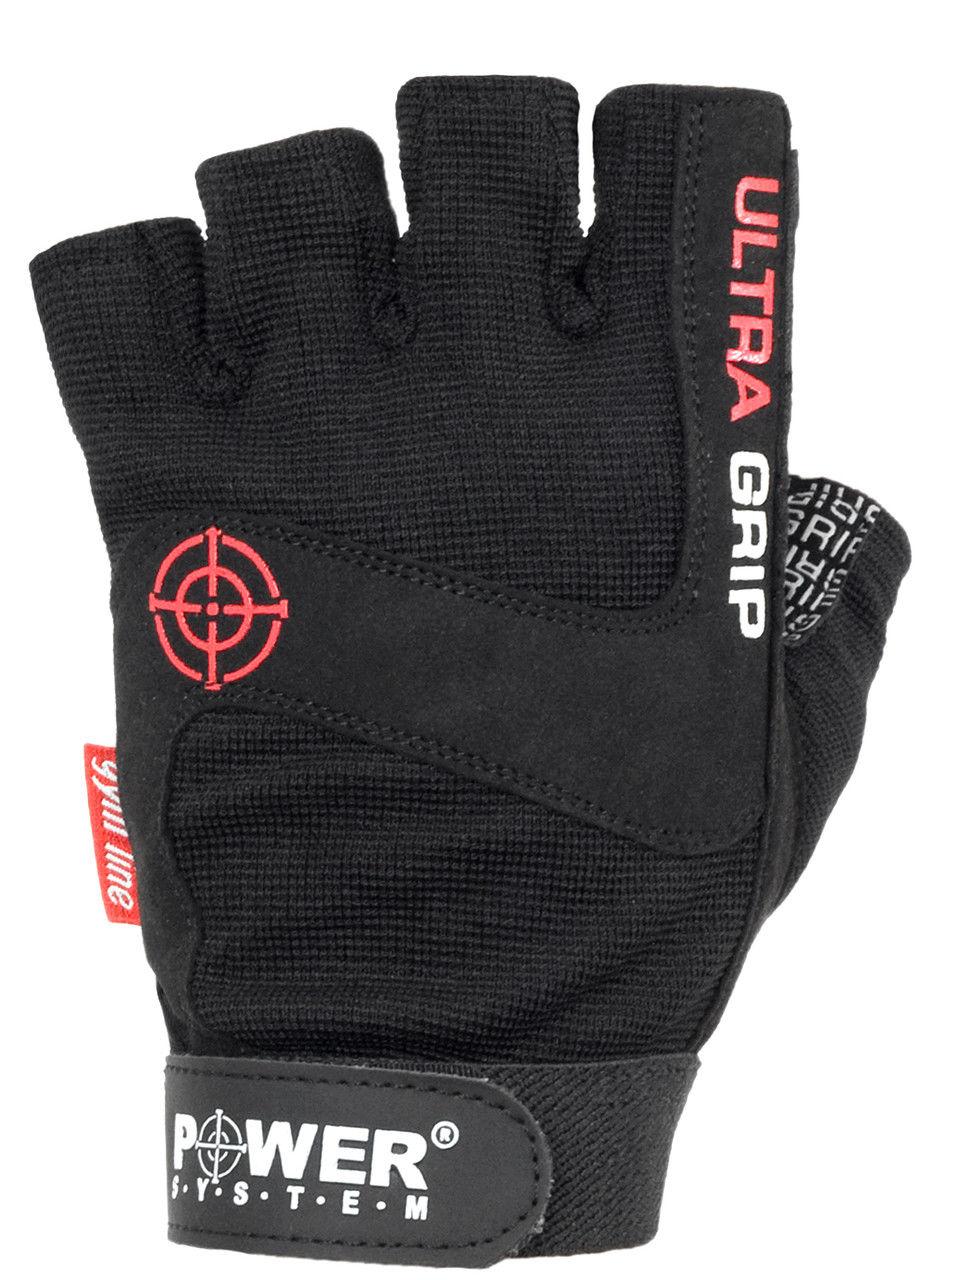 Перчатки Power System Ultra Grip PS-2400 M, Черный фото видео изображение